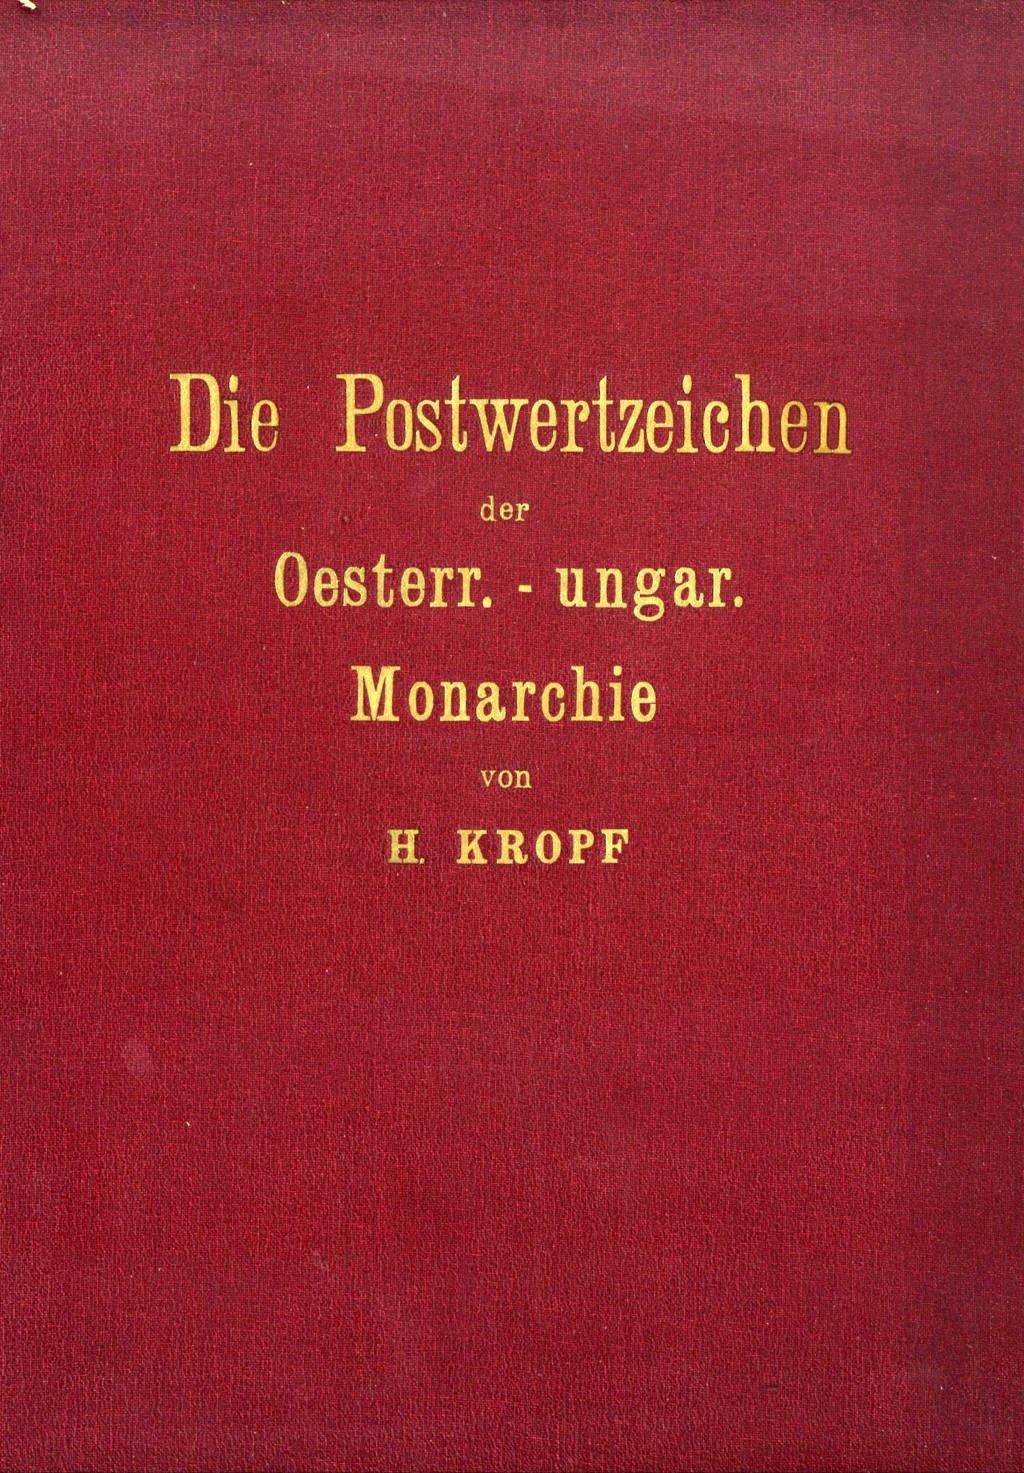 ungarn - Die Büchersammlungen der Forumsmitglieder - Seite 9 Kropf_12